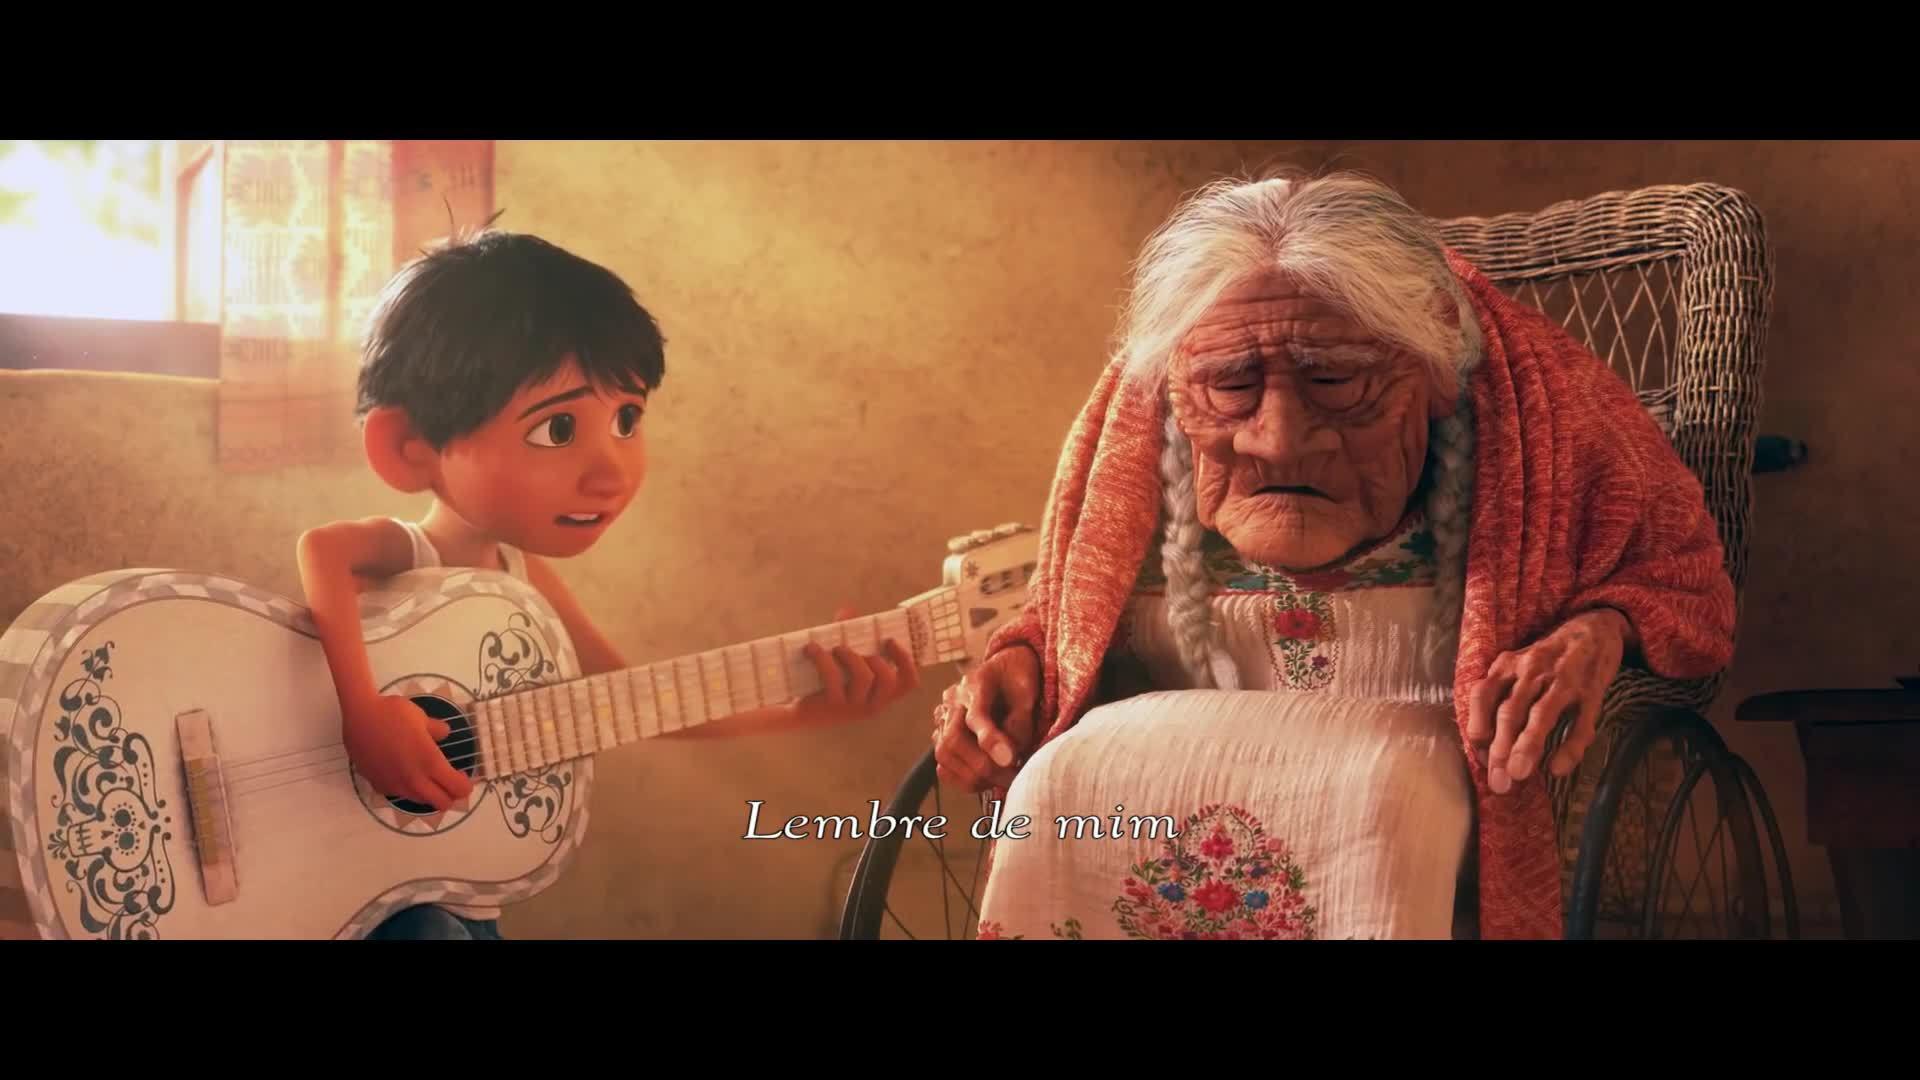 Coco nhớ về cha mình qua bài hát